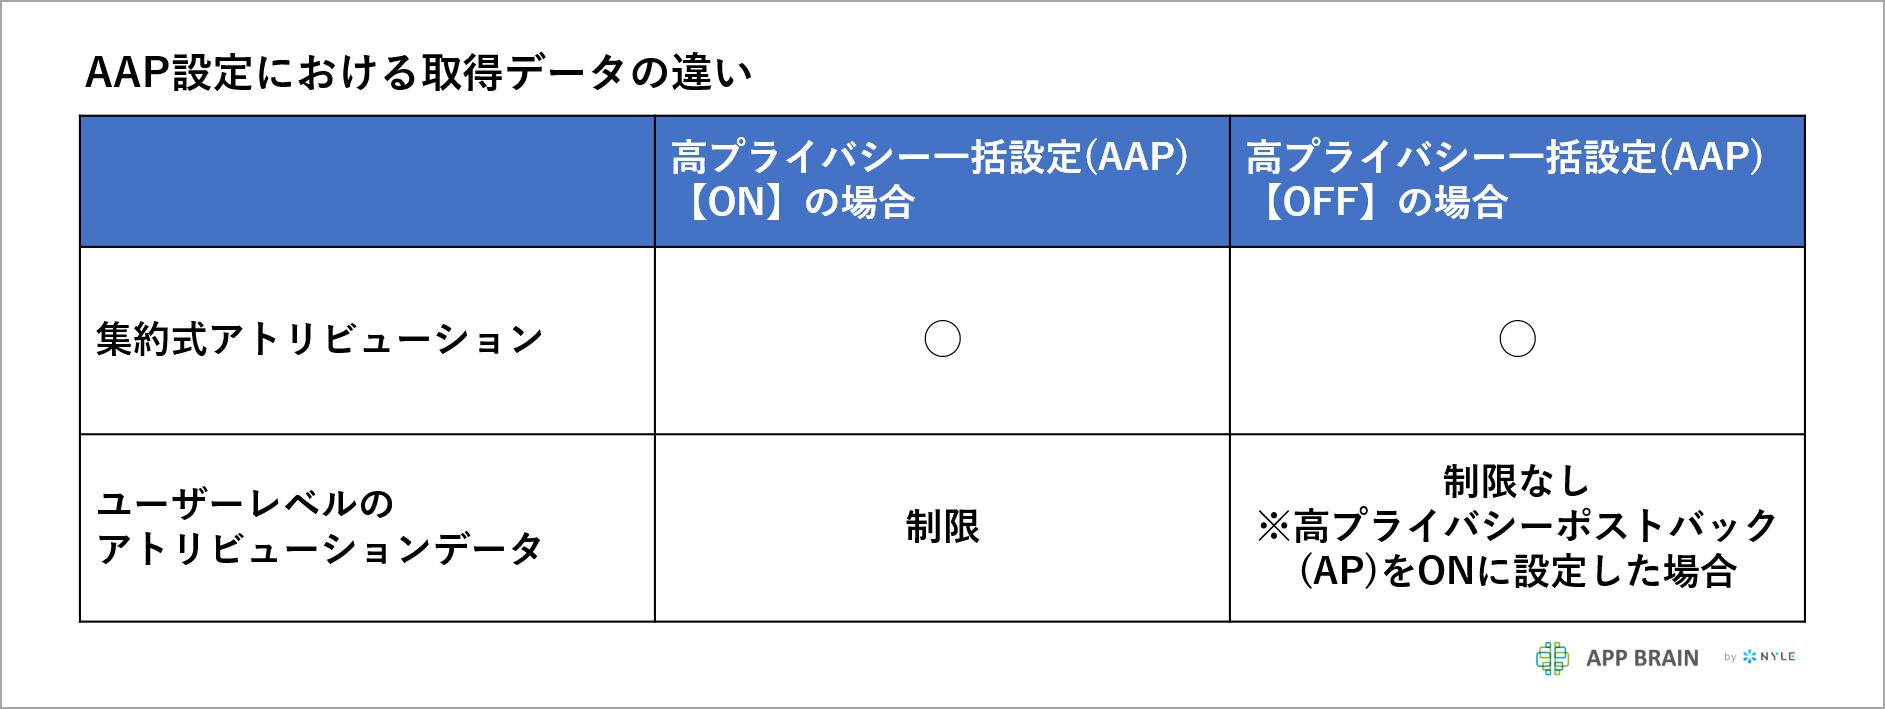 iOS14_appbrain_AppsFlyer_setting_SKAd_07_2